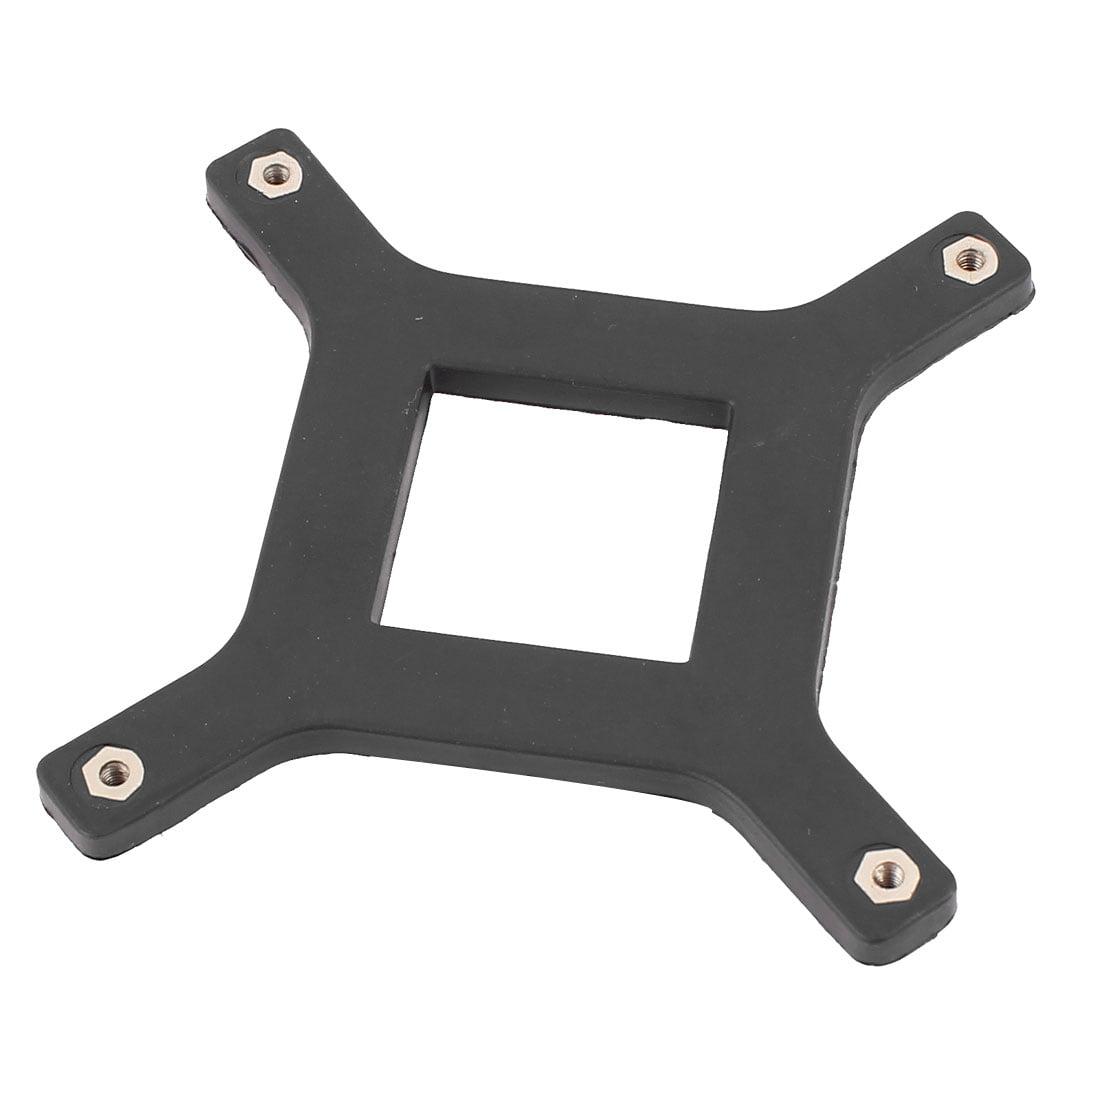 Intel CPU Socket LGA775 Fan Heatsink Motherboard Bracket Clamp Black